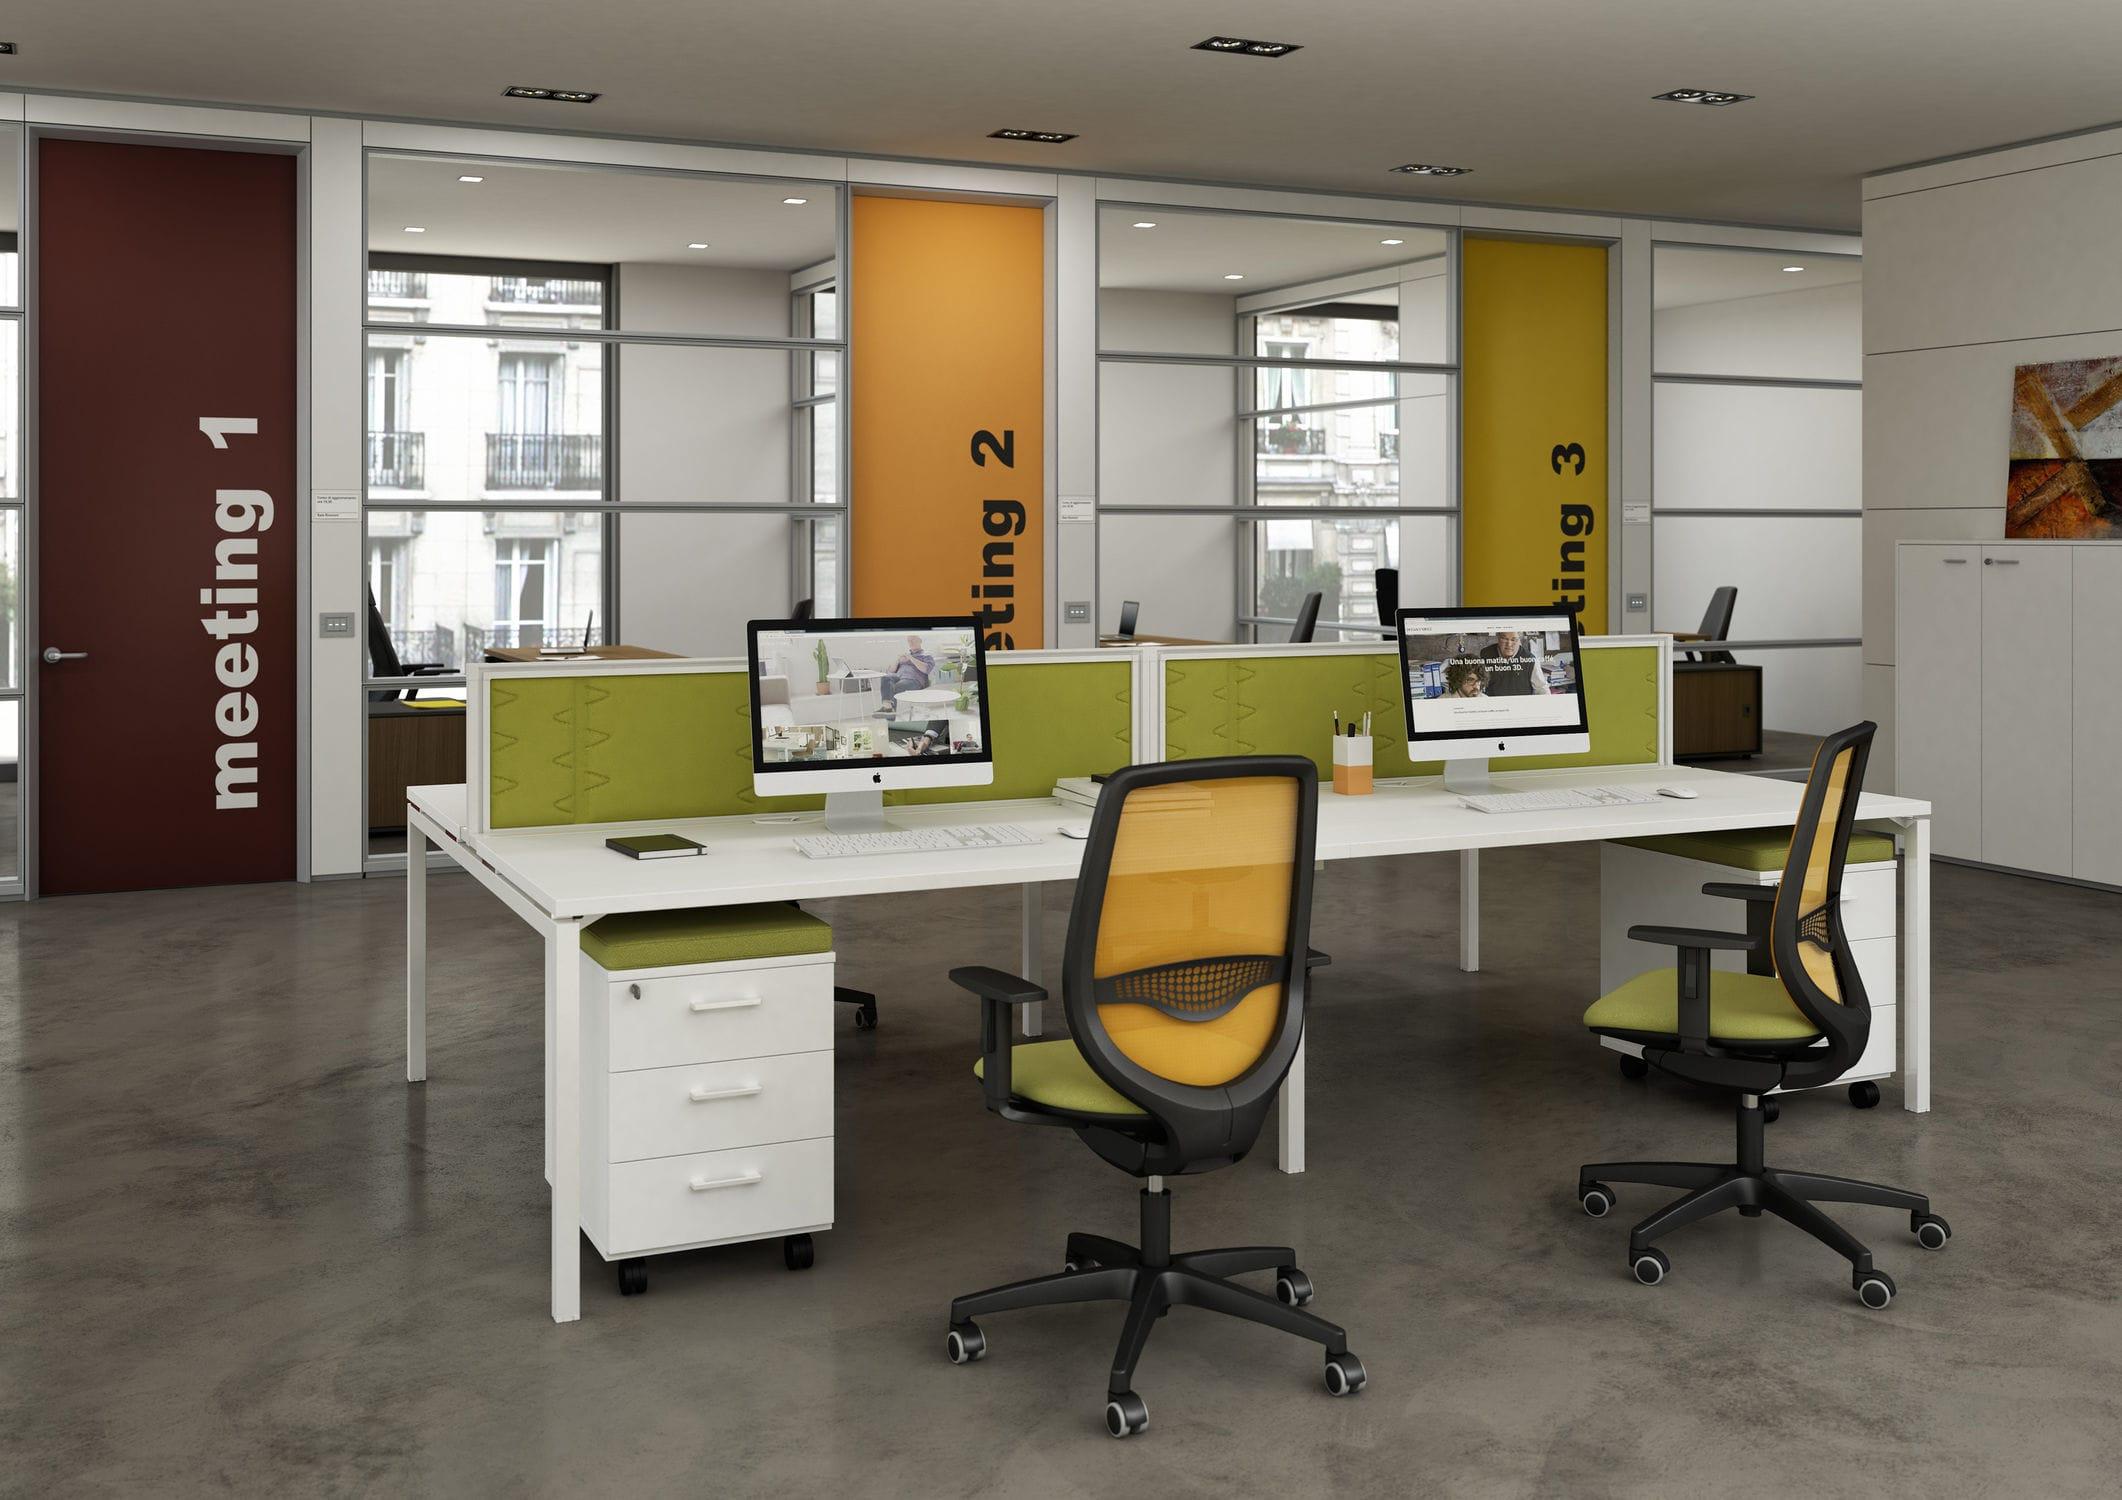 Quadrifoglio Sedie Ufficio : Sedia da ufficio moderna con braccioli ad altezza regolabile